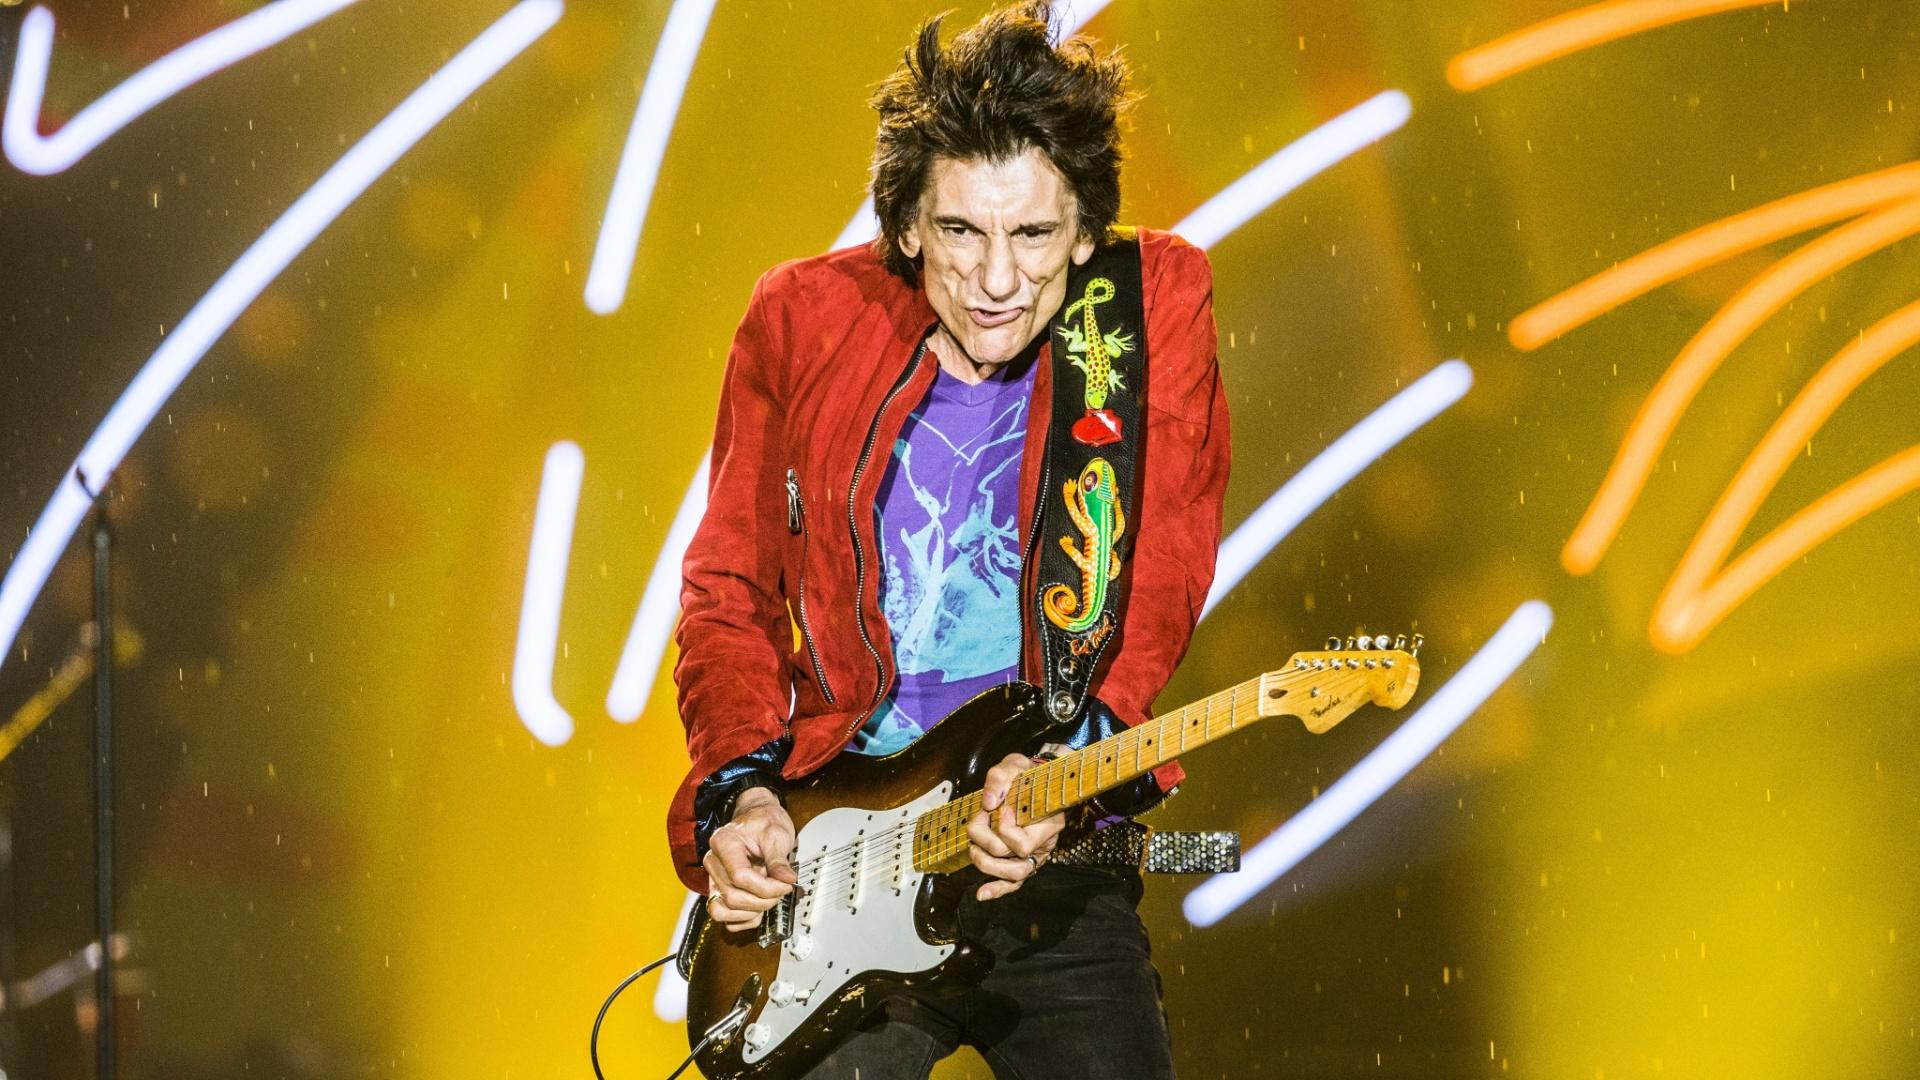 24.fev.2016 - Os Rolling Stones subiram ao palco no estádio do Morumbi, em São Paulo, ao som de